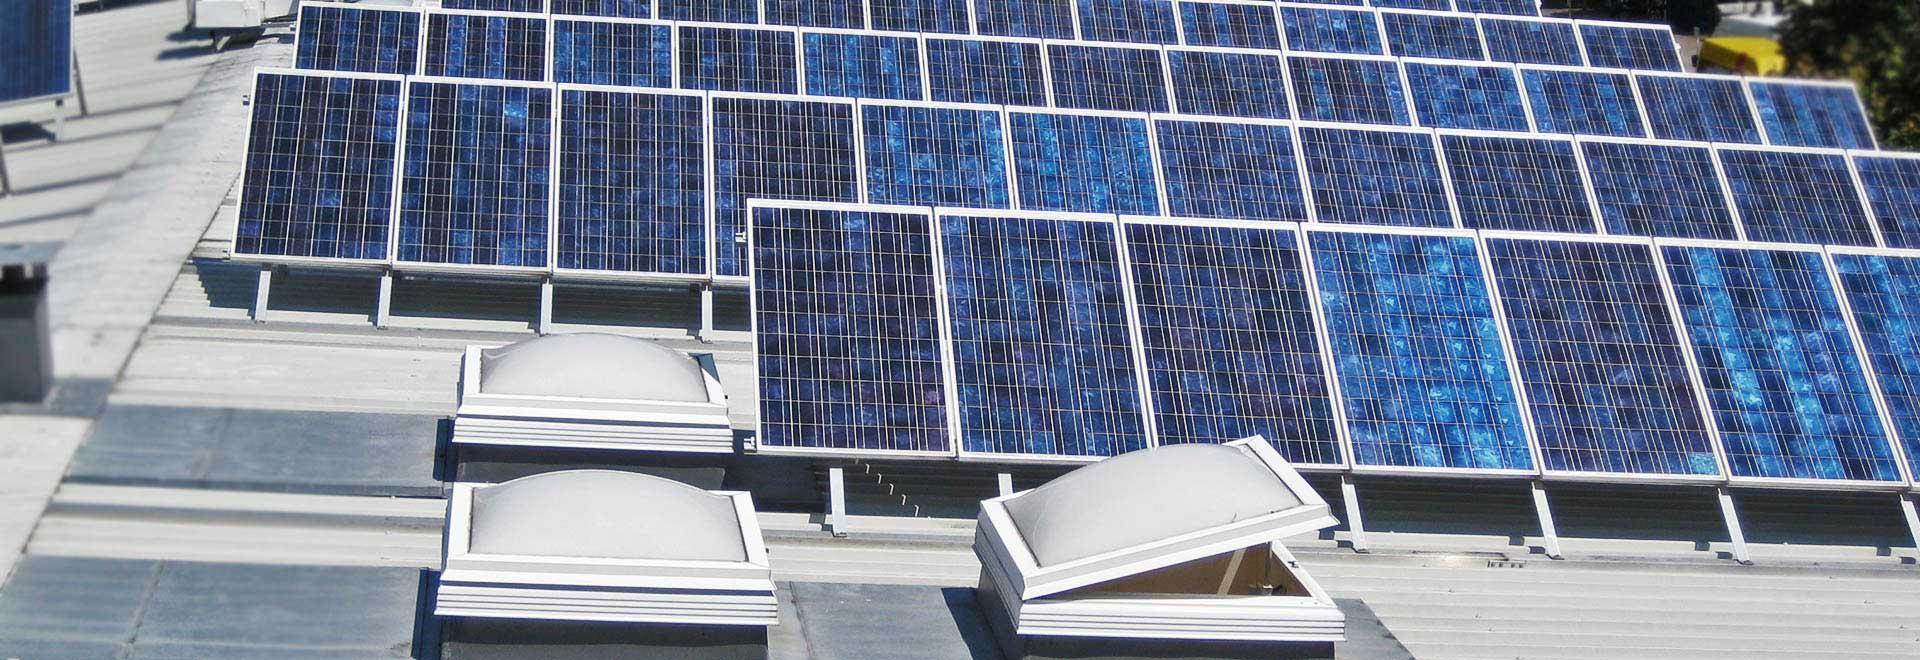 Walter Vögele GmbH in Freiburg: wir gewinnen Solarstrom